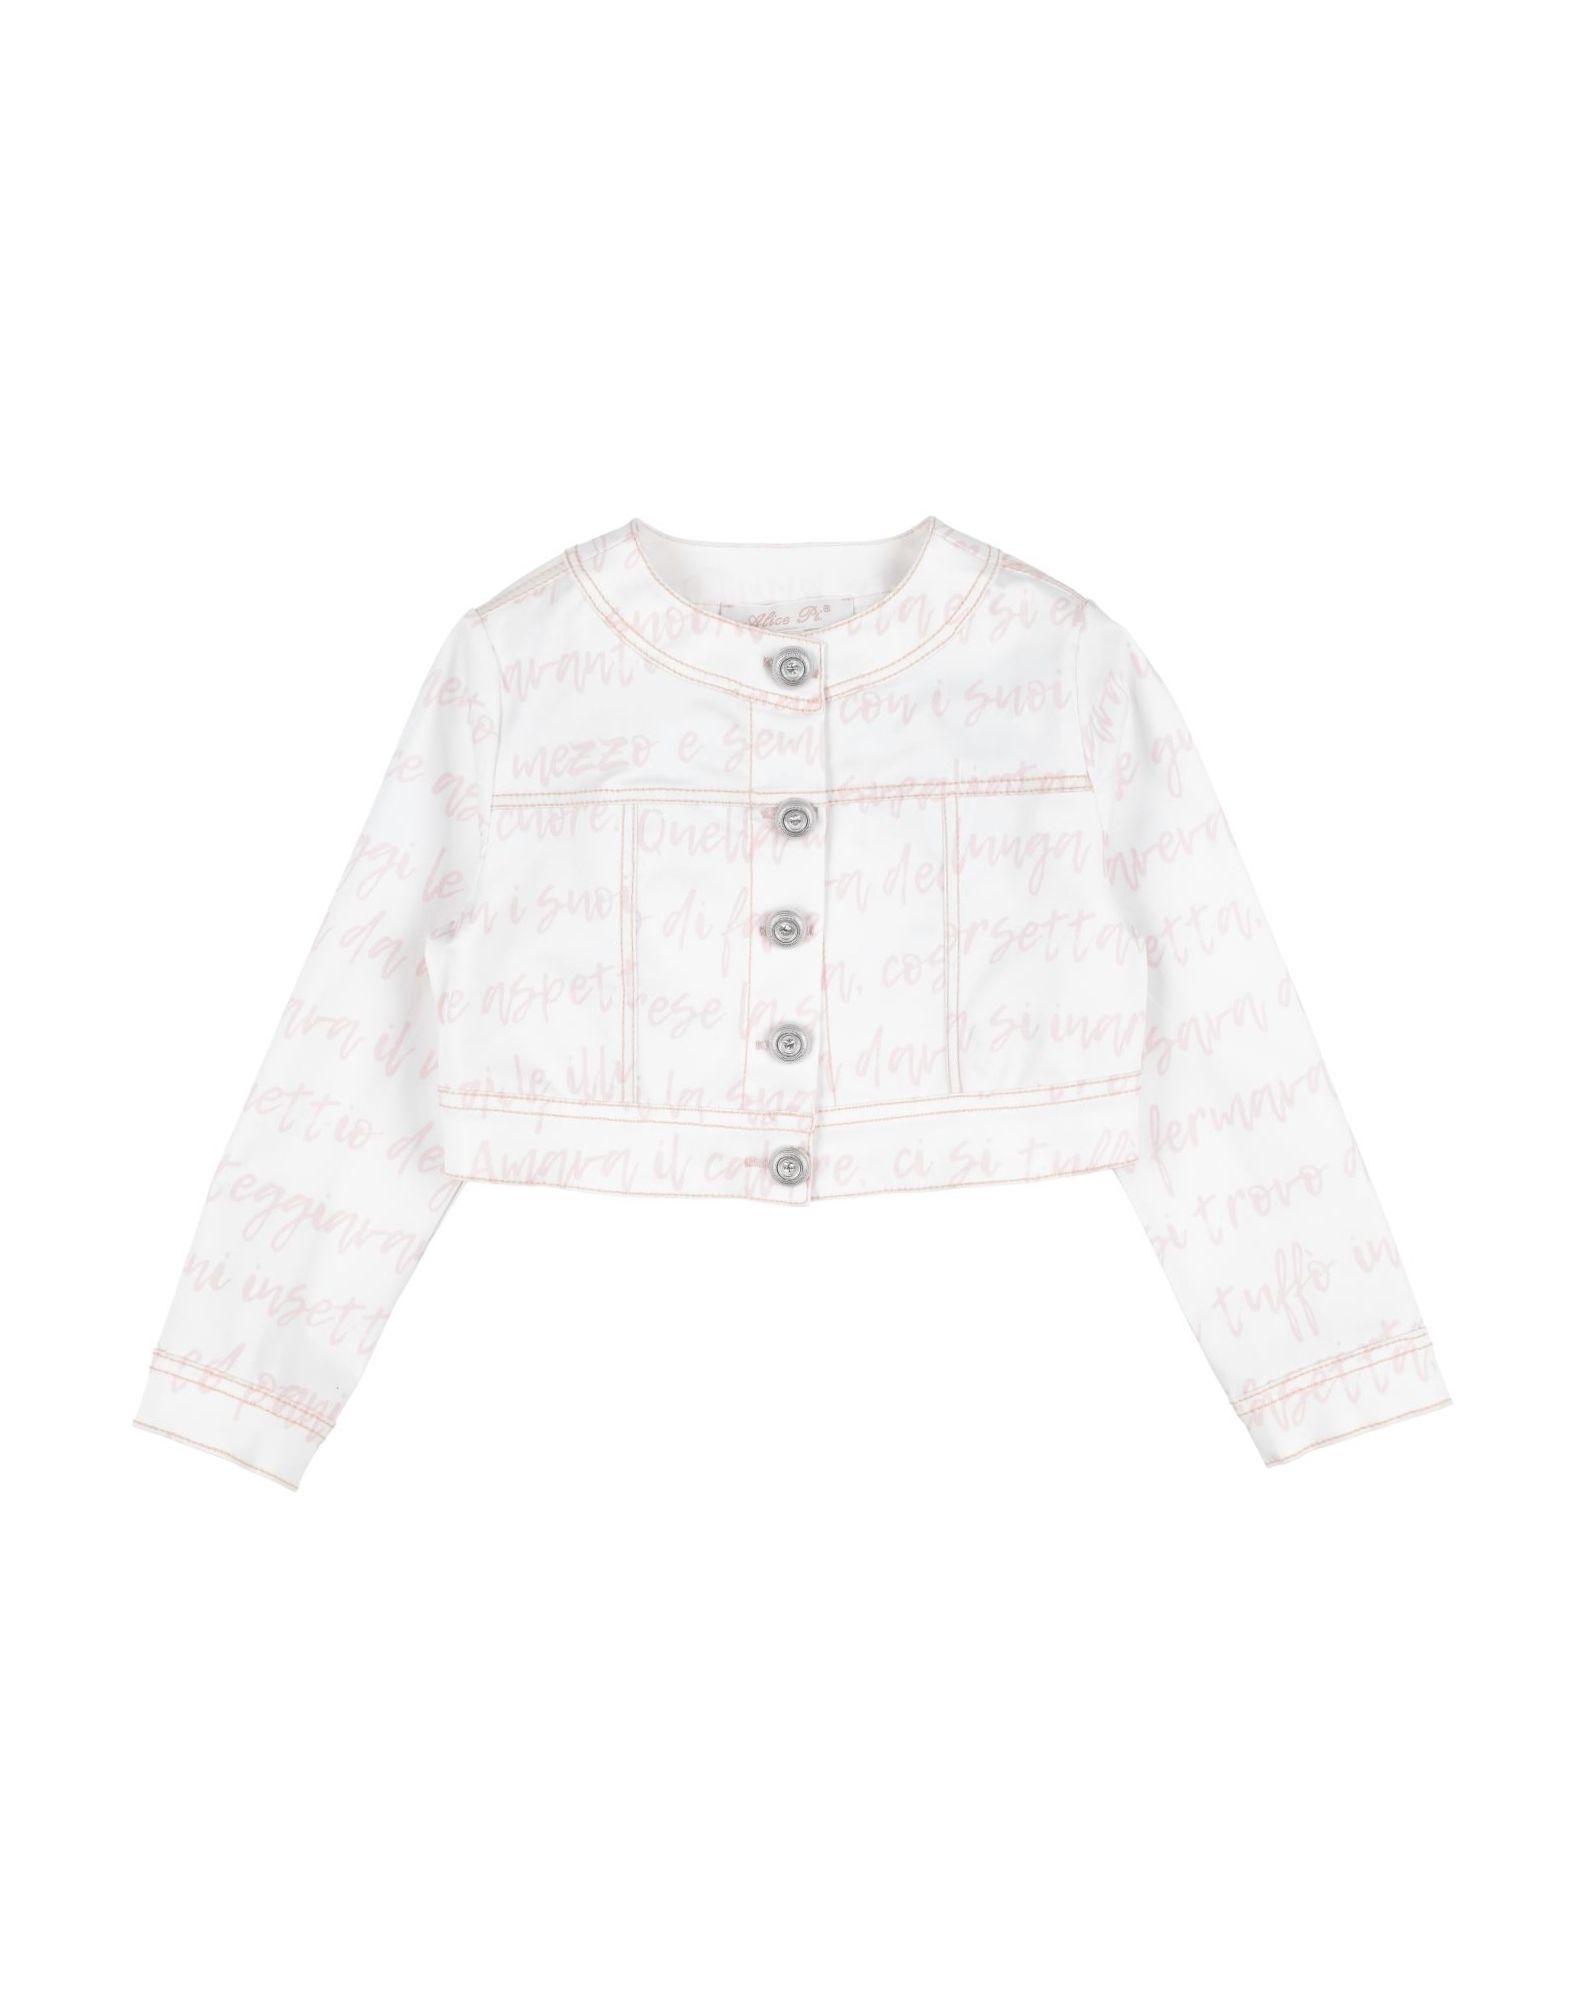 Alice Pi. Kids' Jackets In White